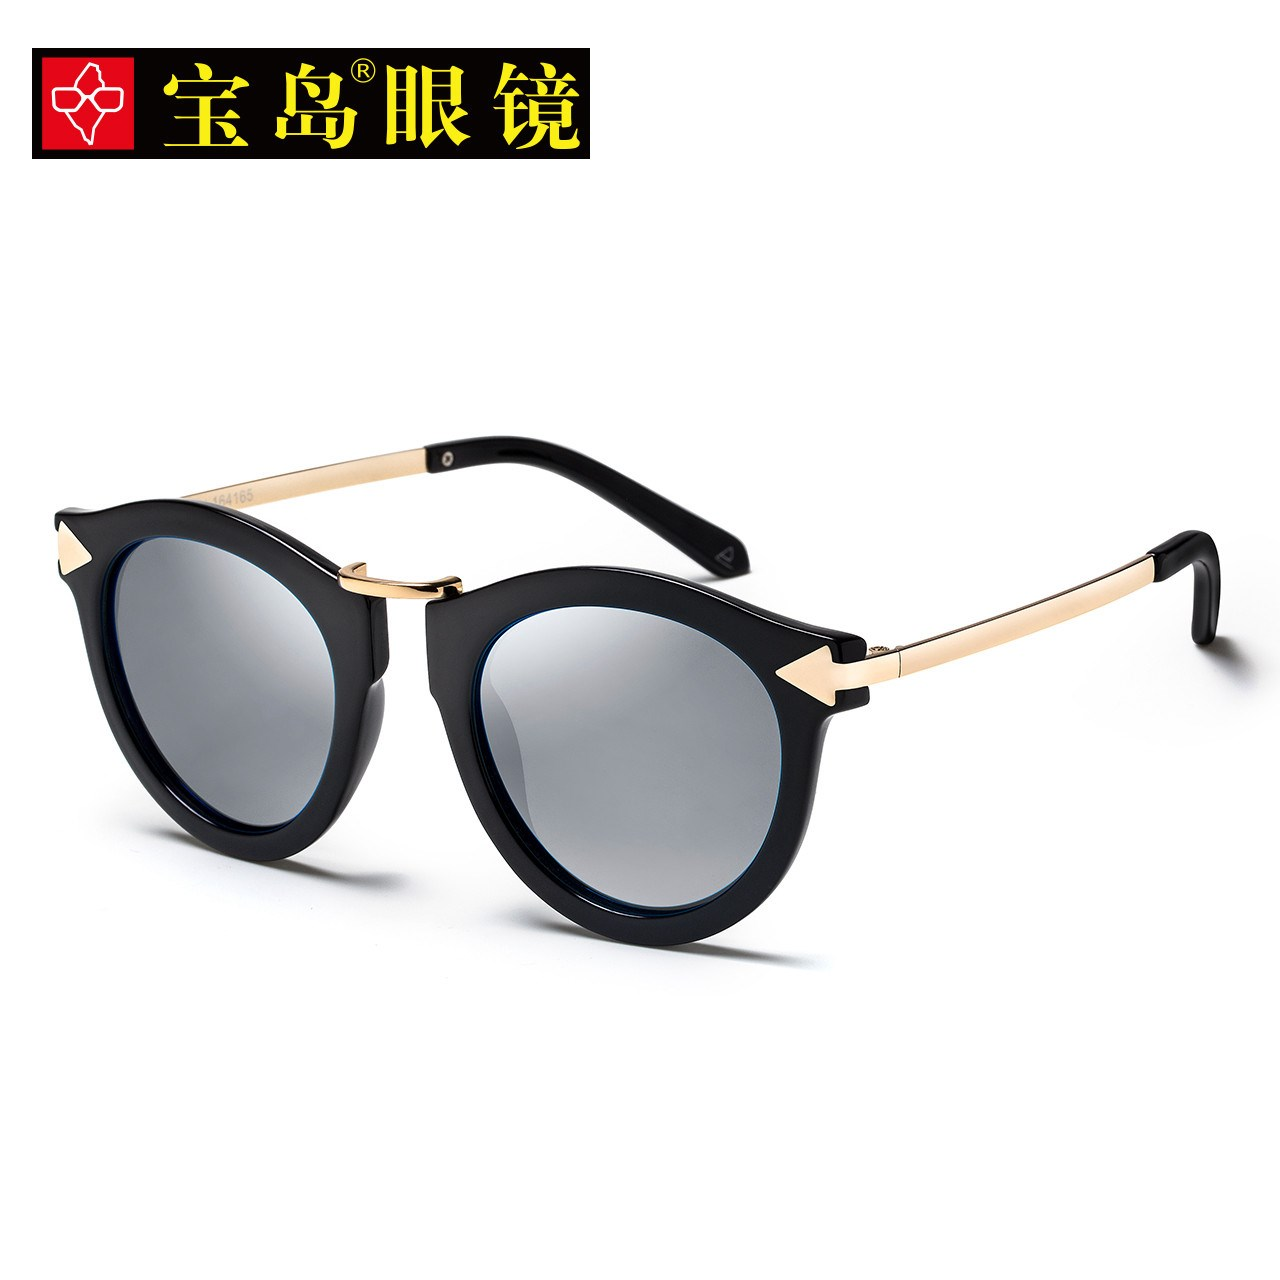 宝岛眼镜目戏偏光太阳镜